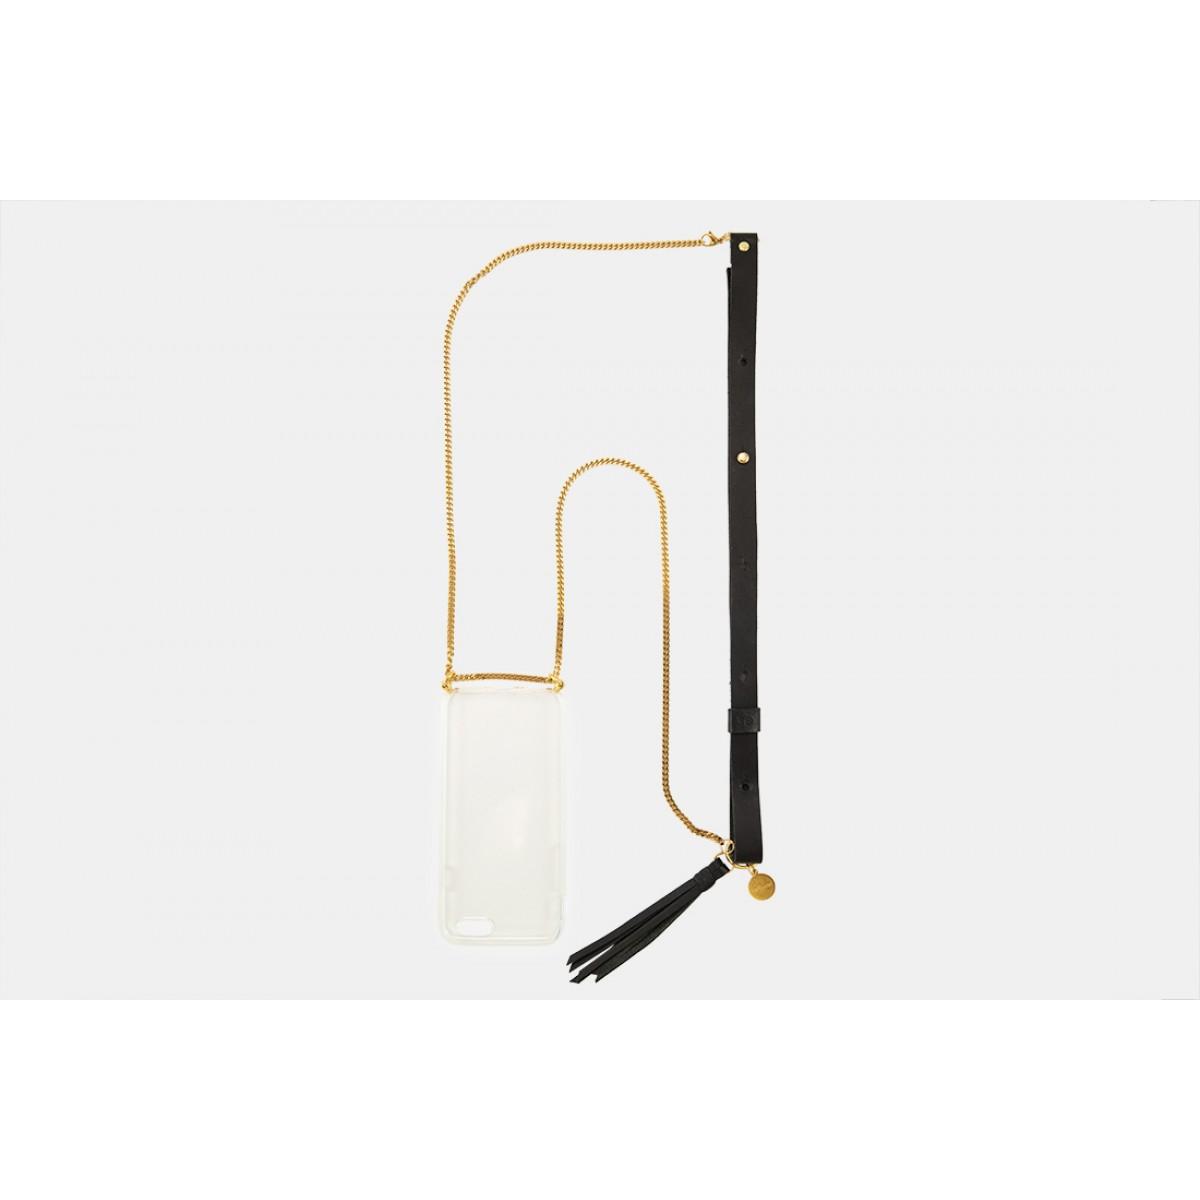 Lapàporter – iPhone Handykette aus Metall mit Lederriemen, schwarz/gold